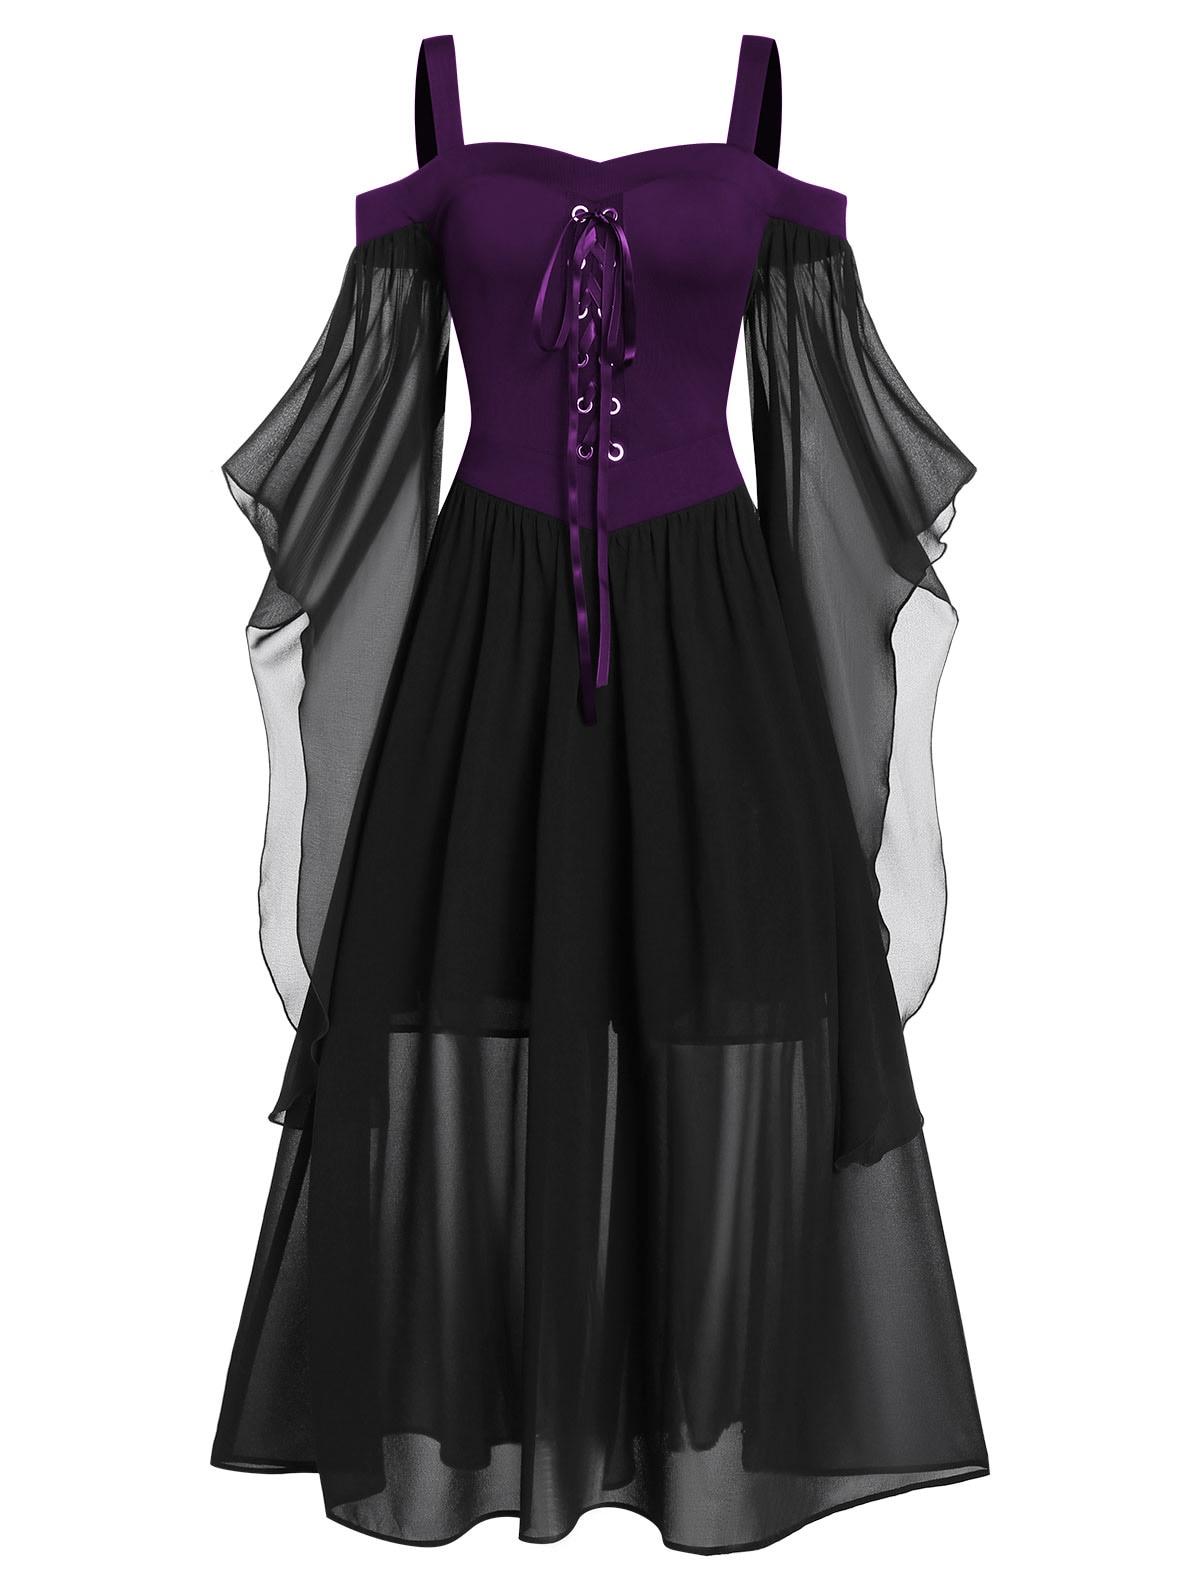 Rosegal 5XL grande taille Maxi robe froide épaule papillon manches à lacets robe d'halloween gothique fête femmes robe Vintage - 5